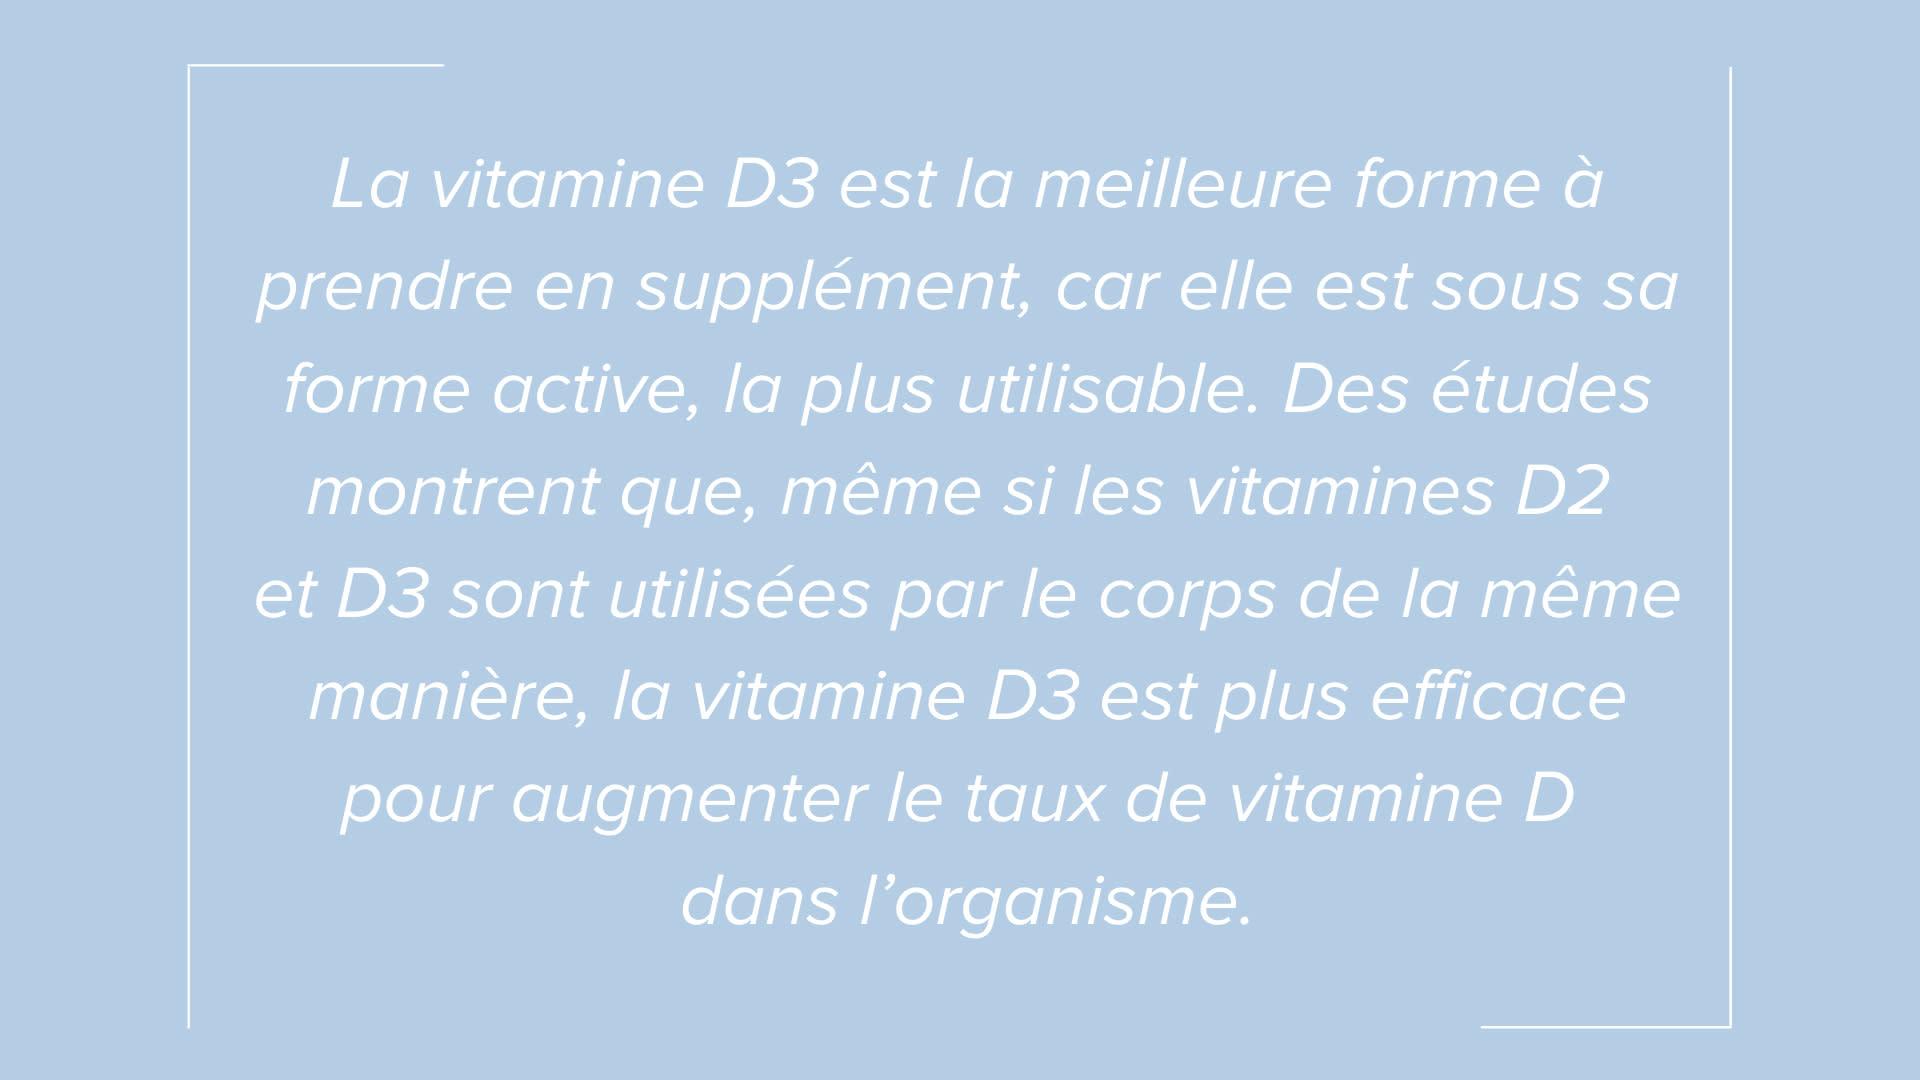 Mise en évidence du texte sur le besoin en vitamine D pendant l'été